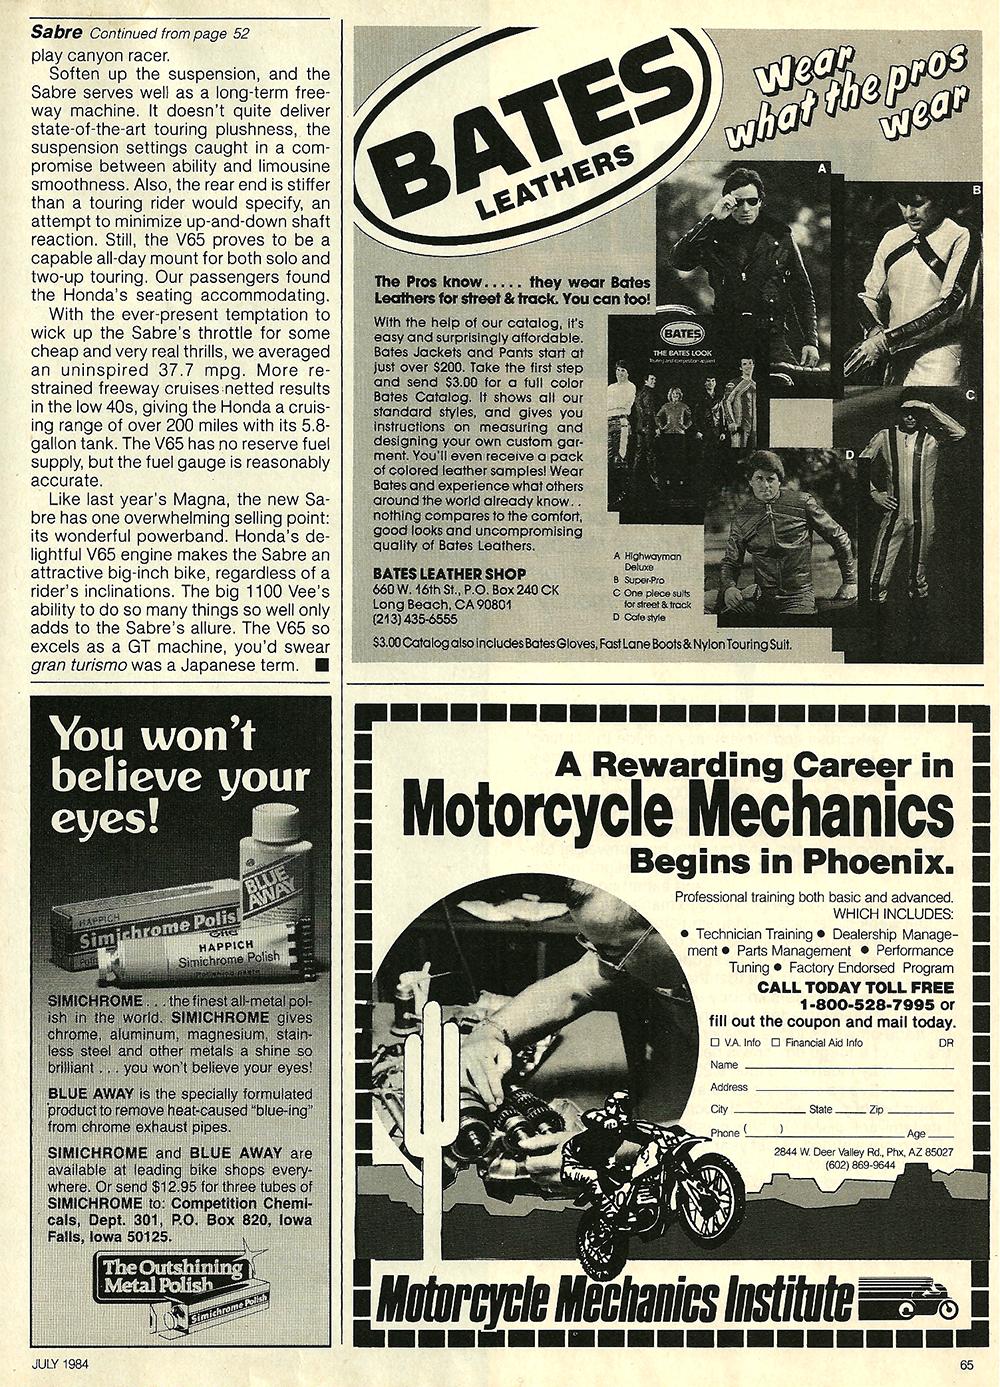 1984 Honda V65 Sabre road test 9.jpg